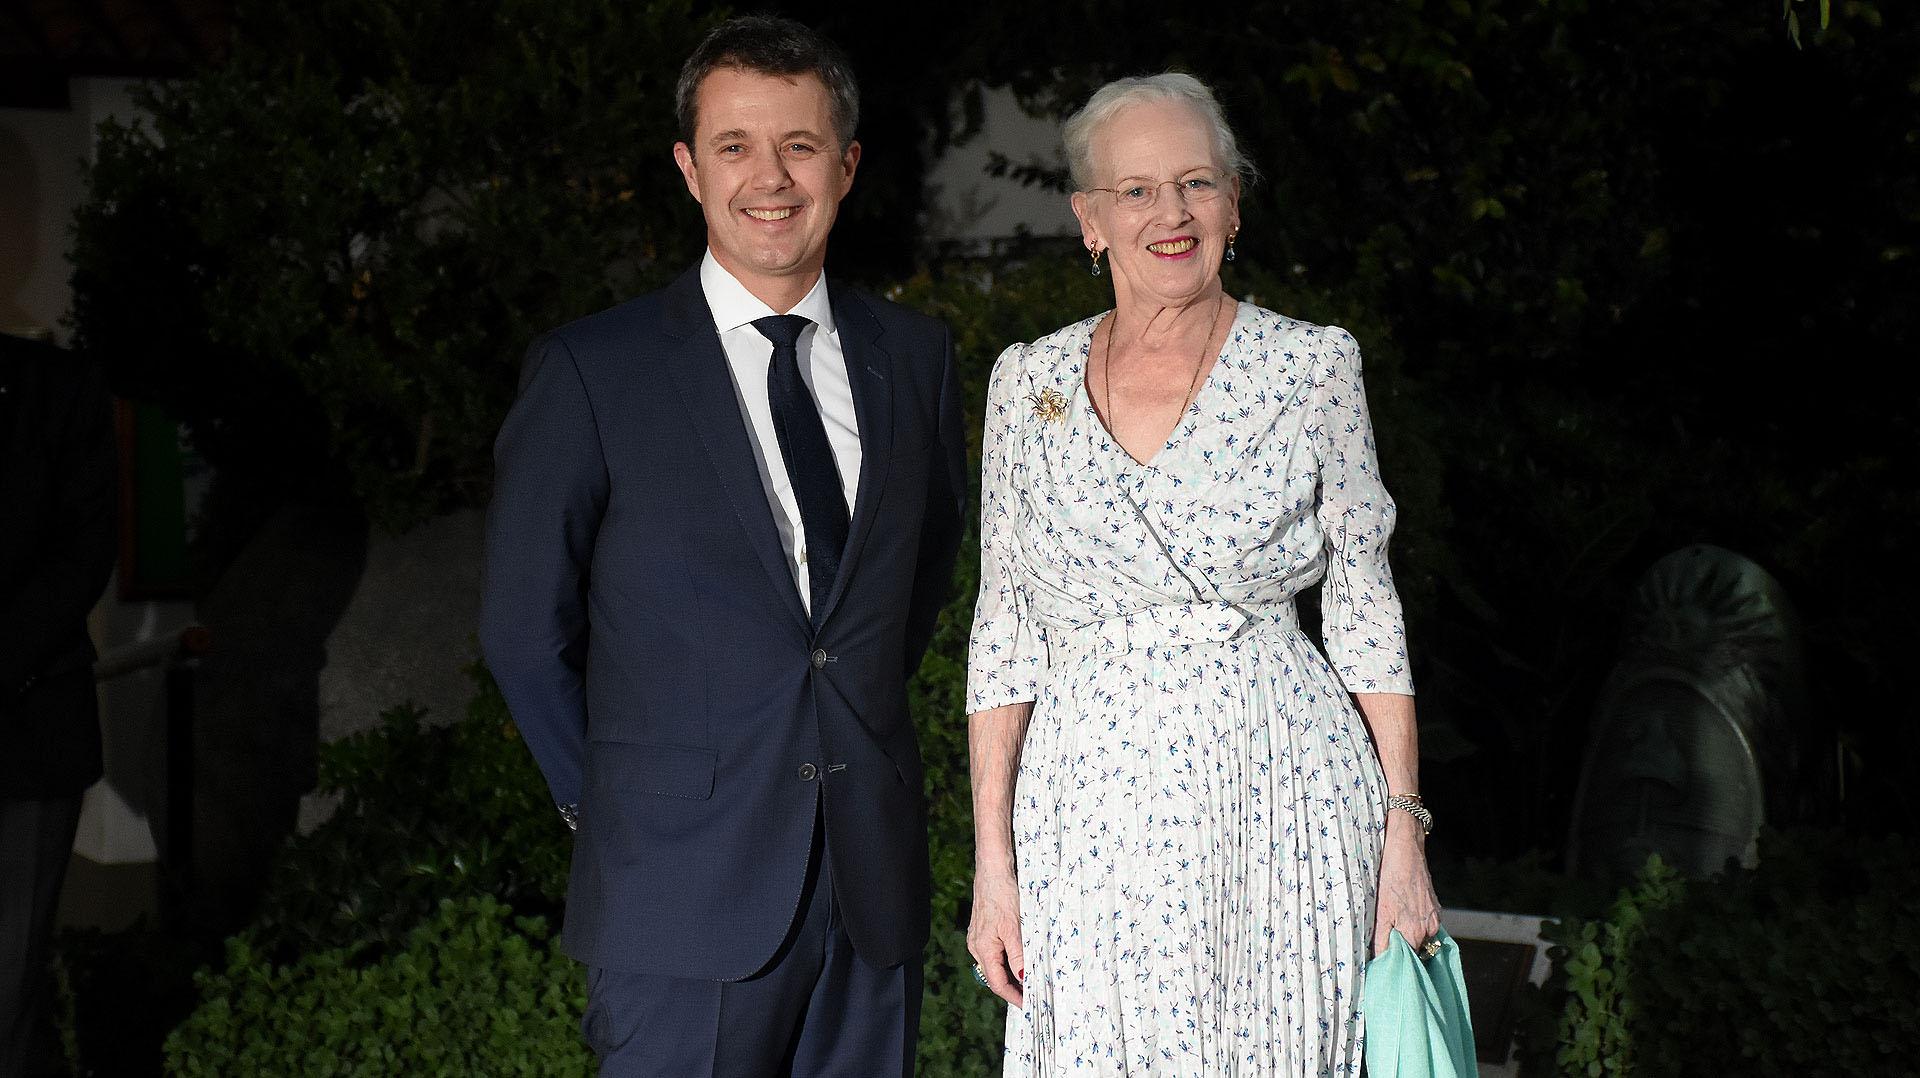 Margarita II tiene 79 años y lleva 46 como reina de Dinamarca. La última vez que visitó Argentina aún era princesa